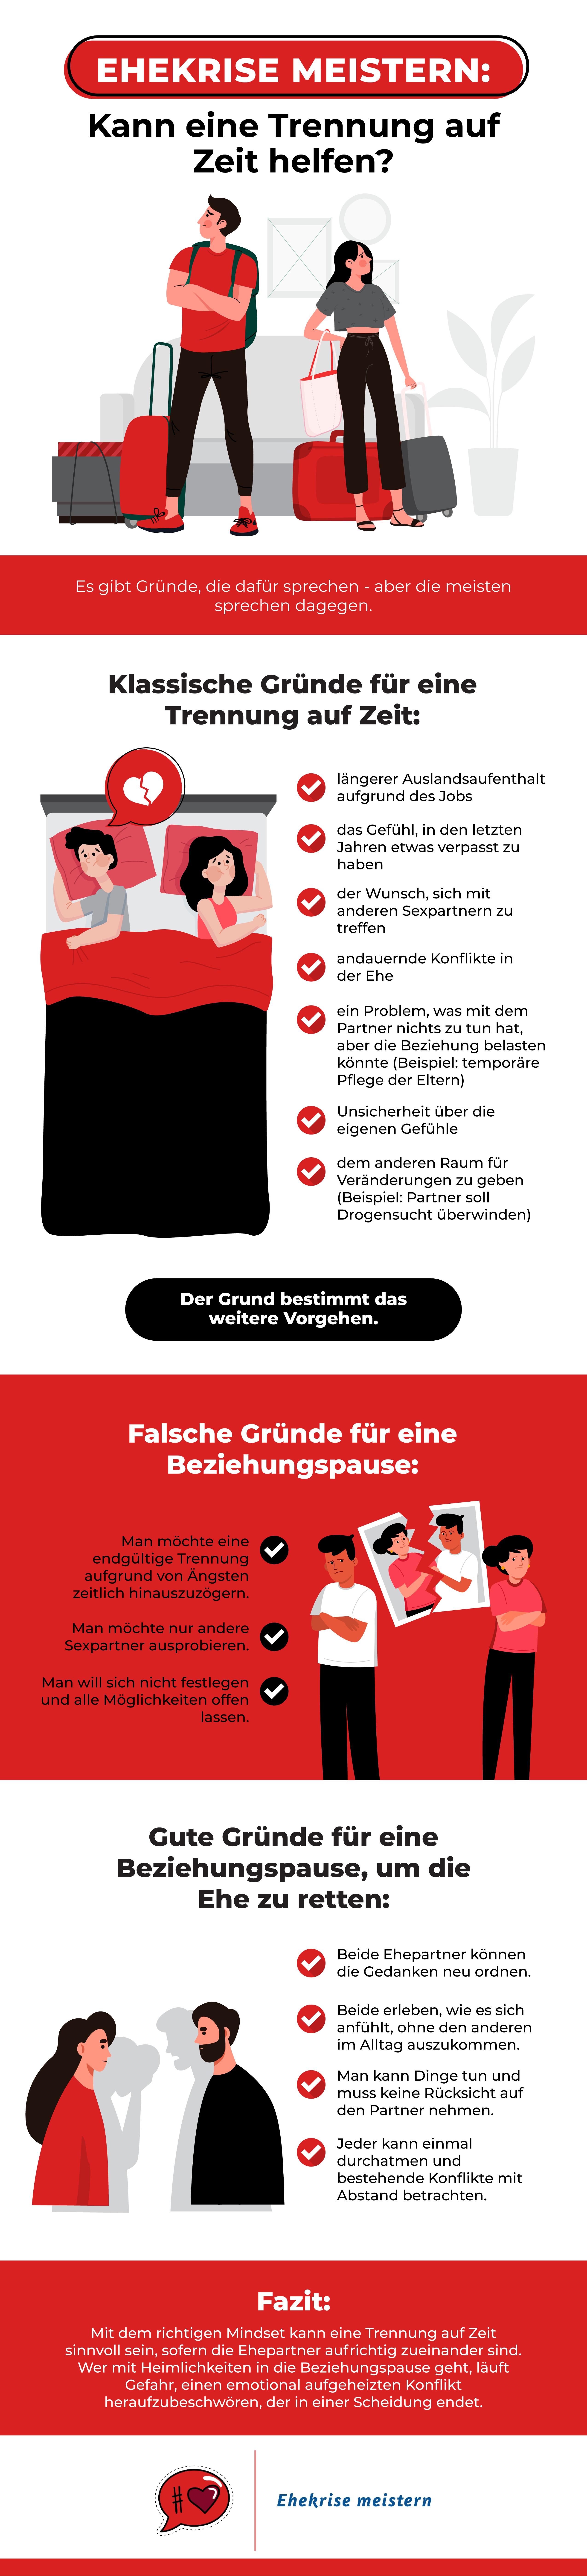 Infografik Die Ehekrise Meistern: Kann Eine Trennung Auf Zeit Helfen?